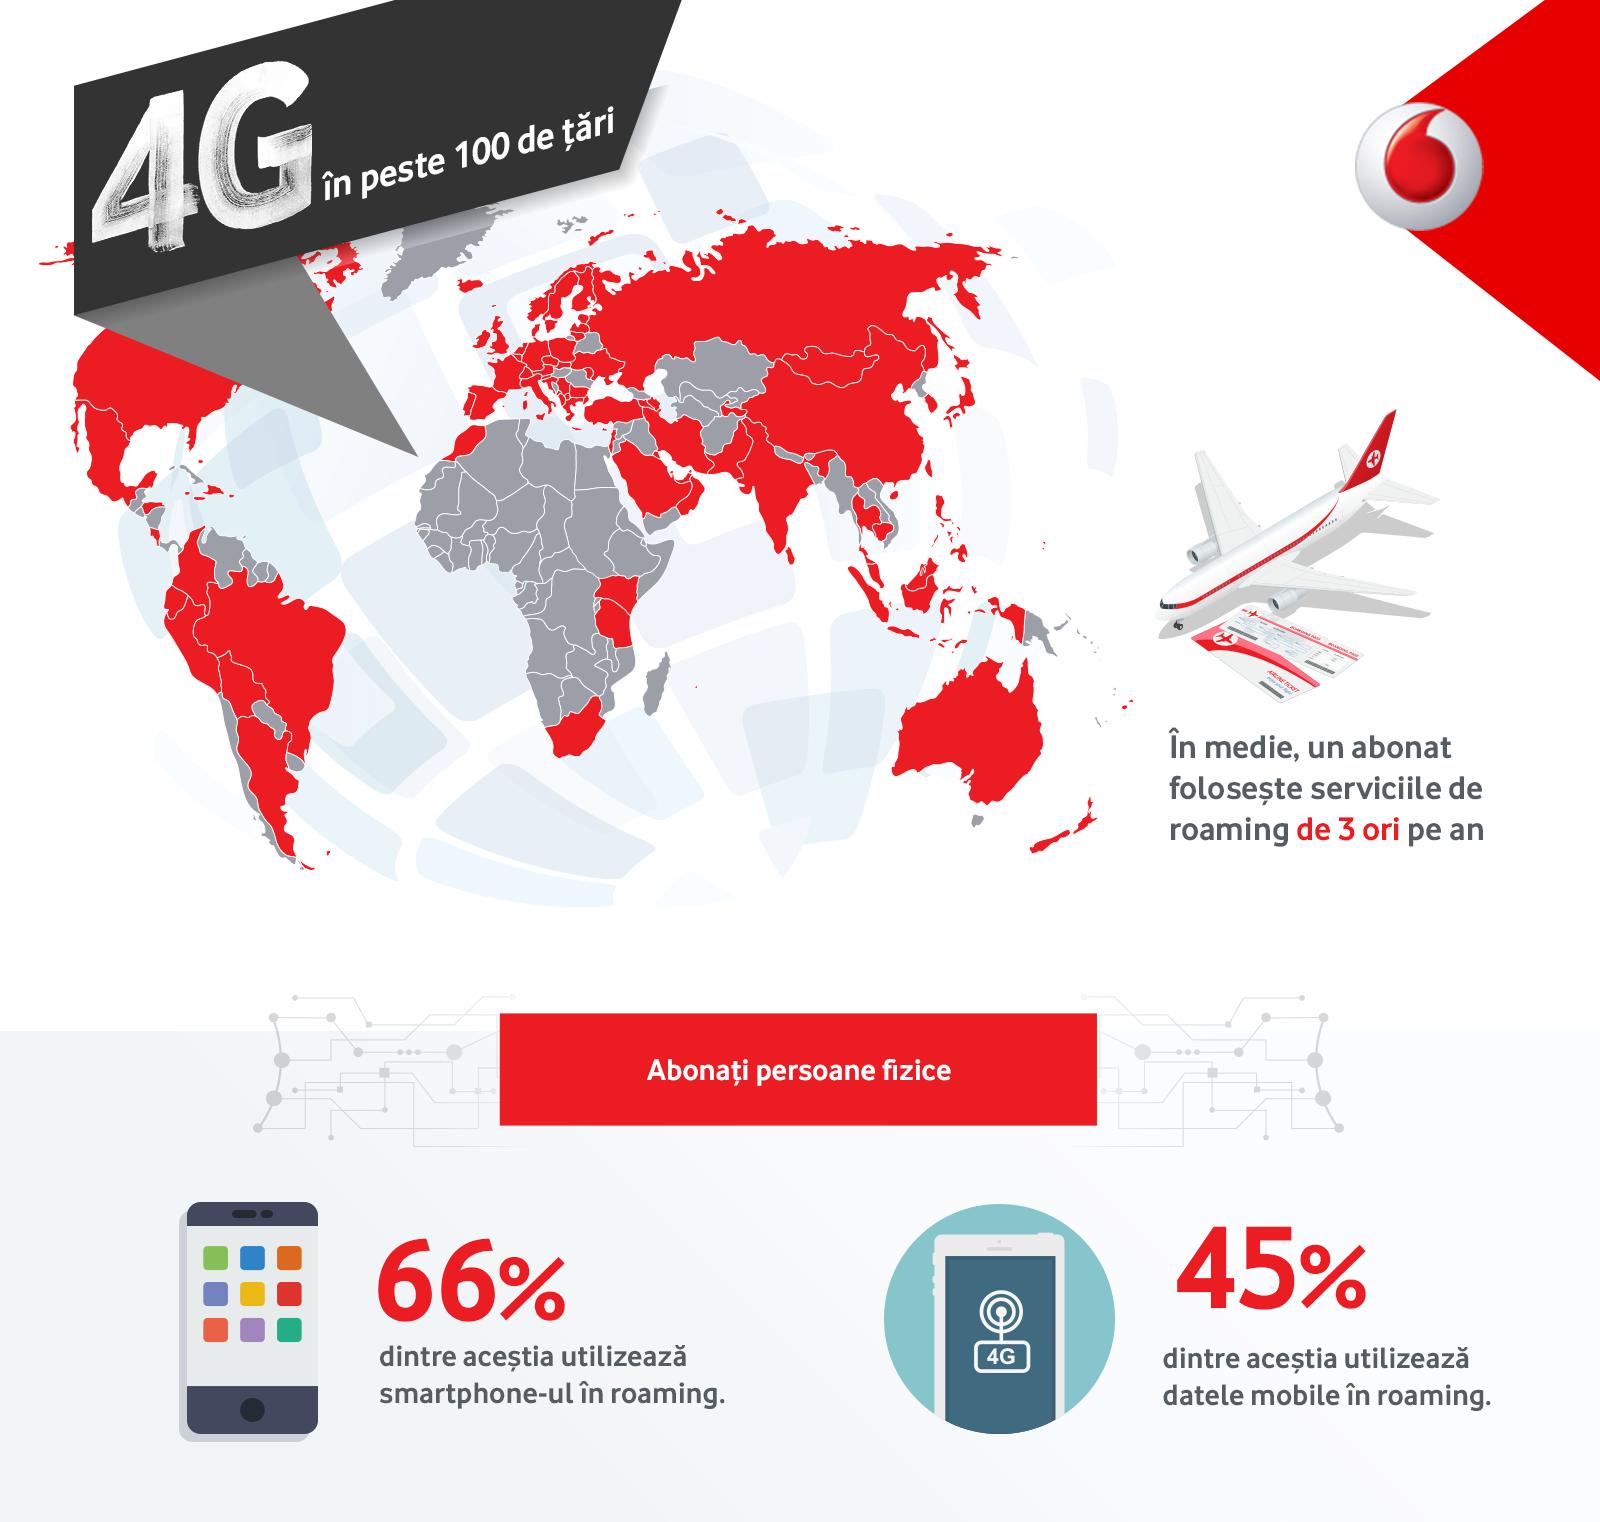 Vodafone România își extinde acoperirea serviciilor internaţionale de roaming 4G la peste 100 de ţări